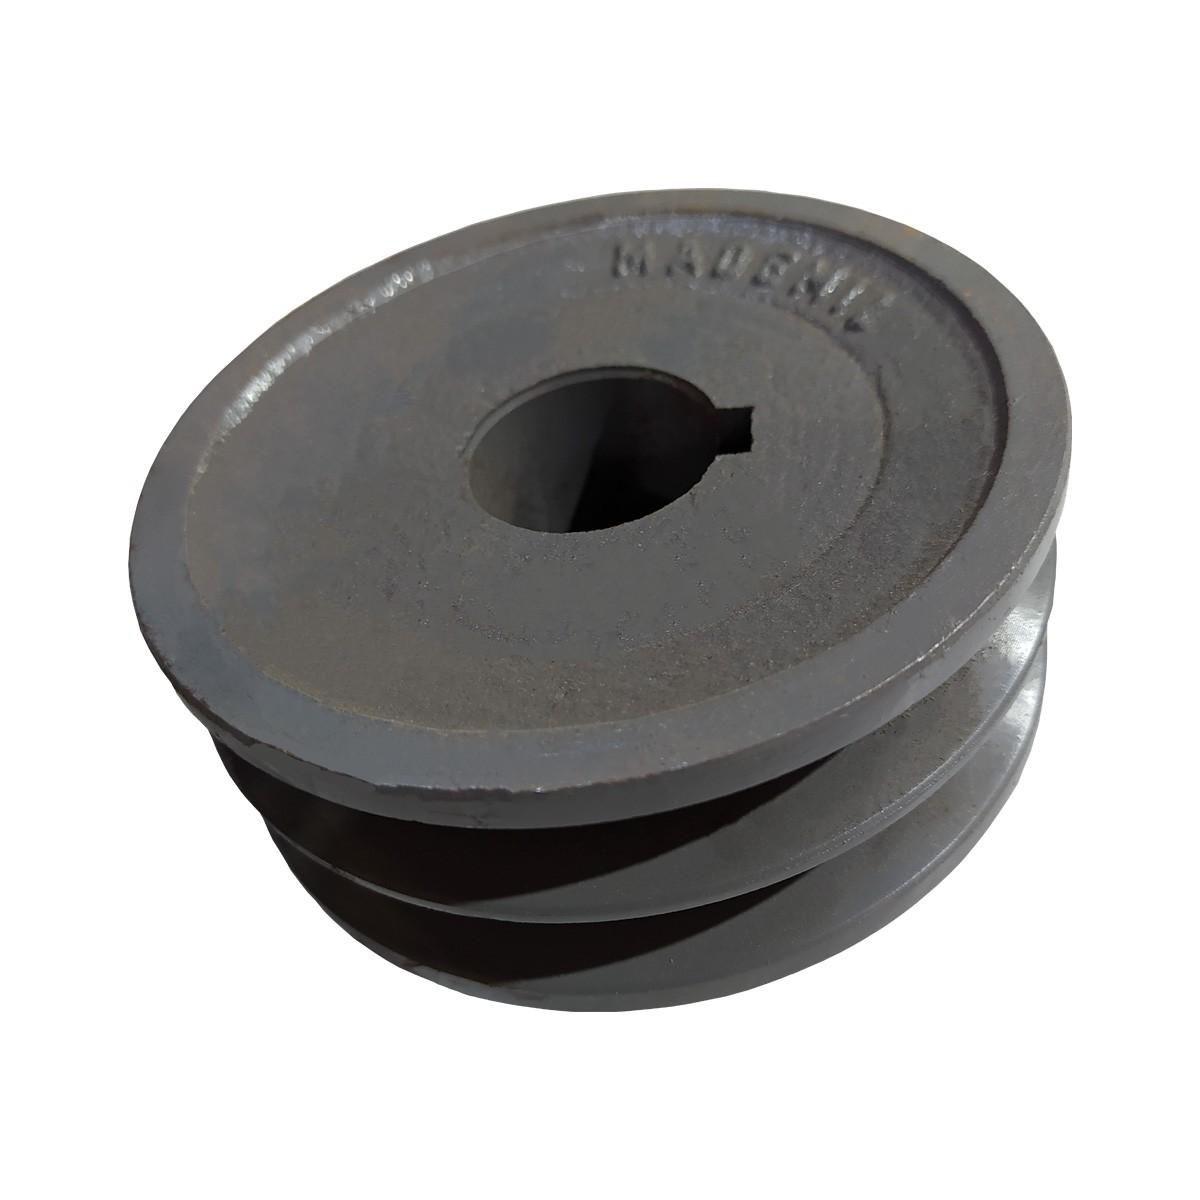 Polia De Ferro 110mm 2 Canal A Furo 28mm